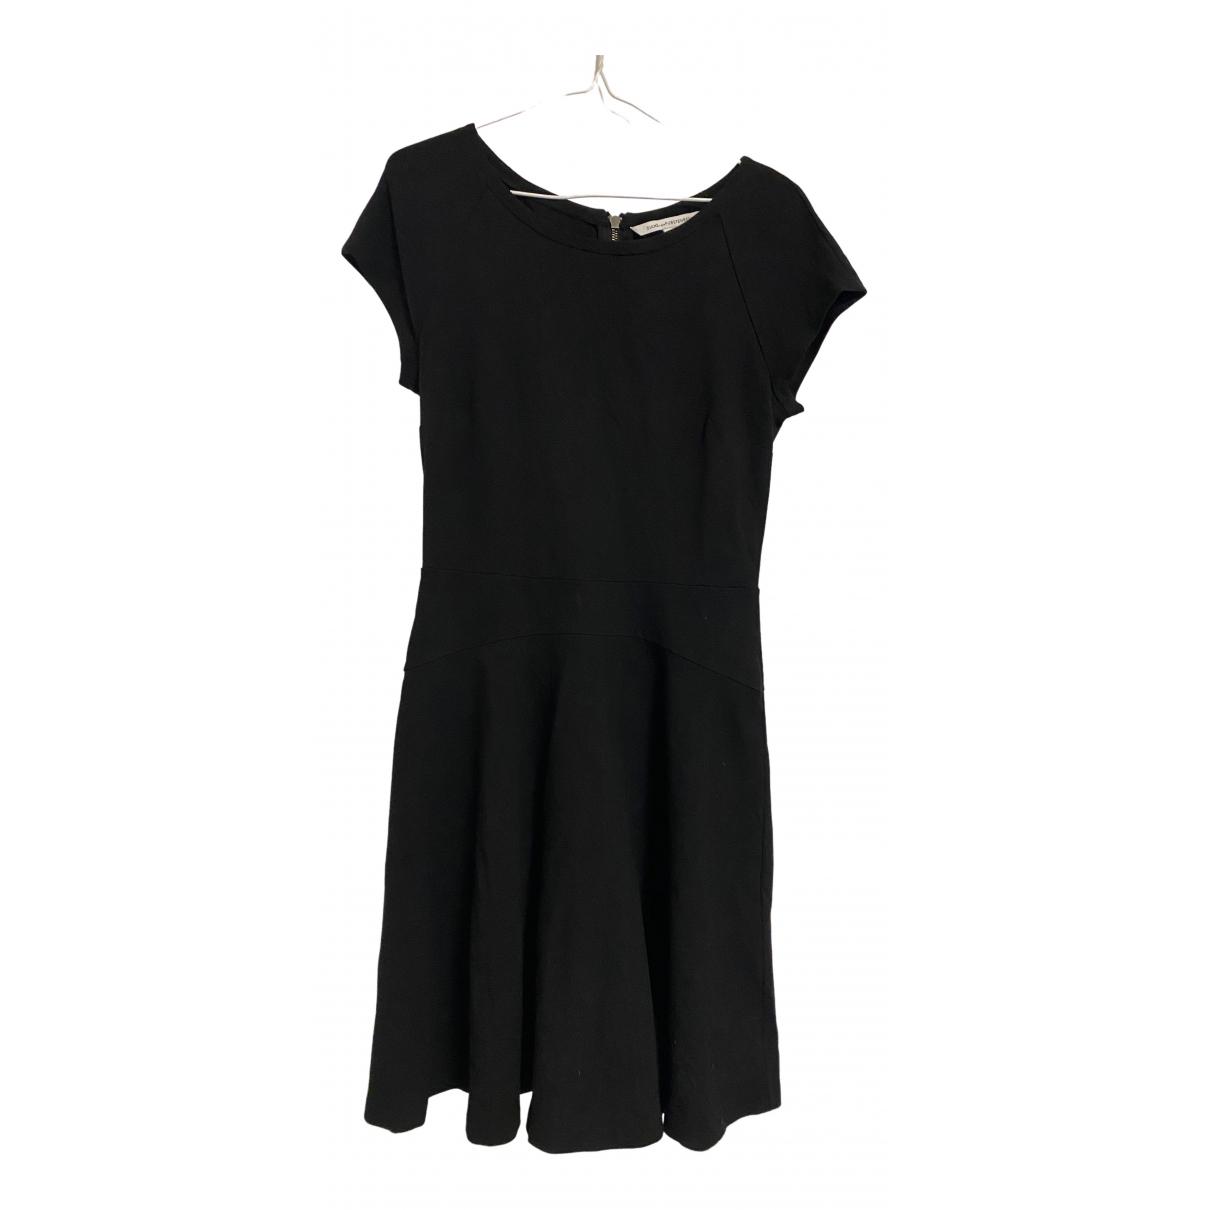 Diane Von Furstenberg \N Black dress for Women 10 US